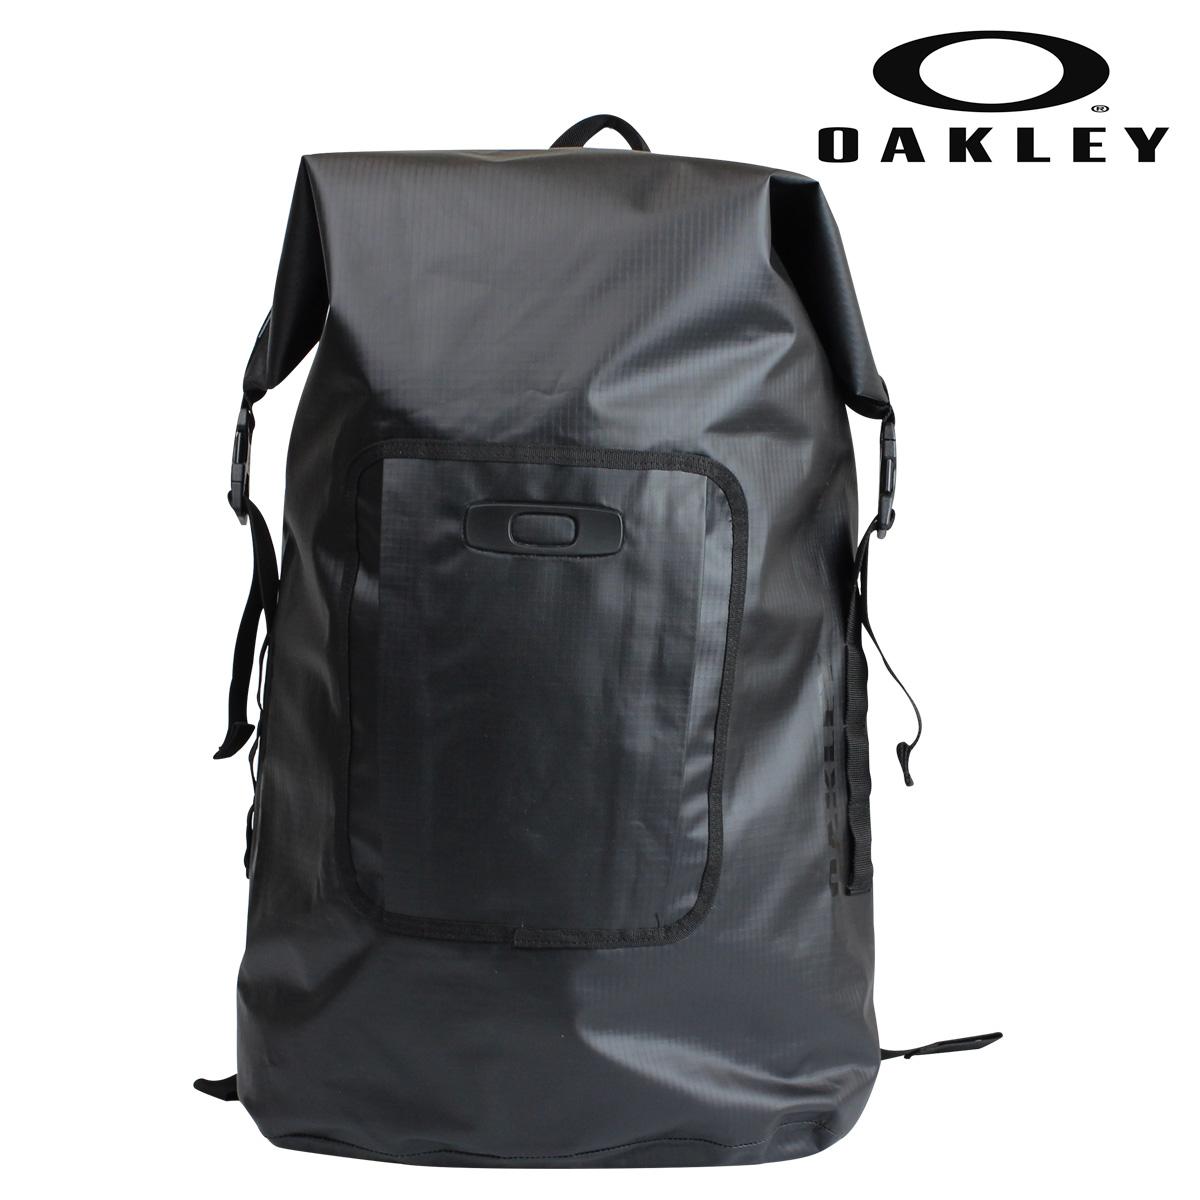 奧克利奧克利男士背包背囊 92582-01 K 葉片幹 35 包